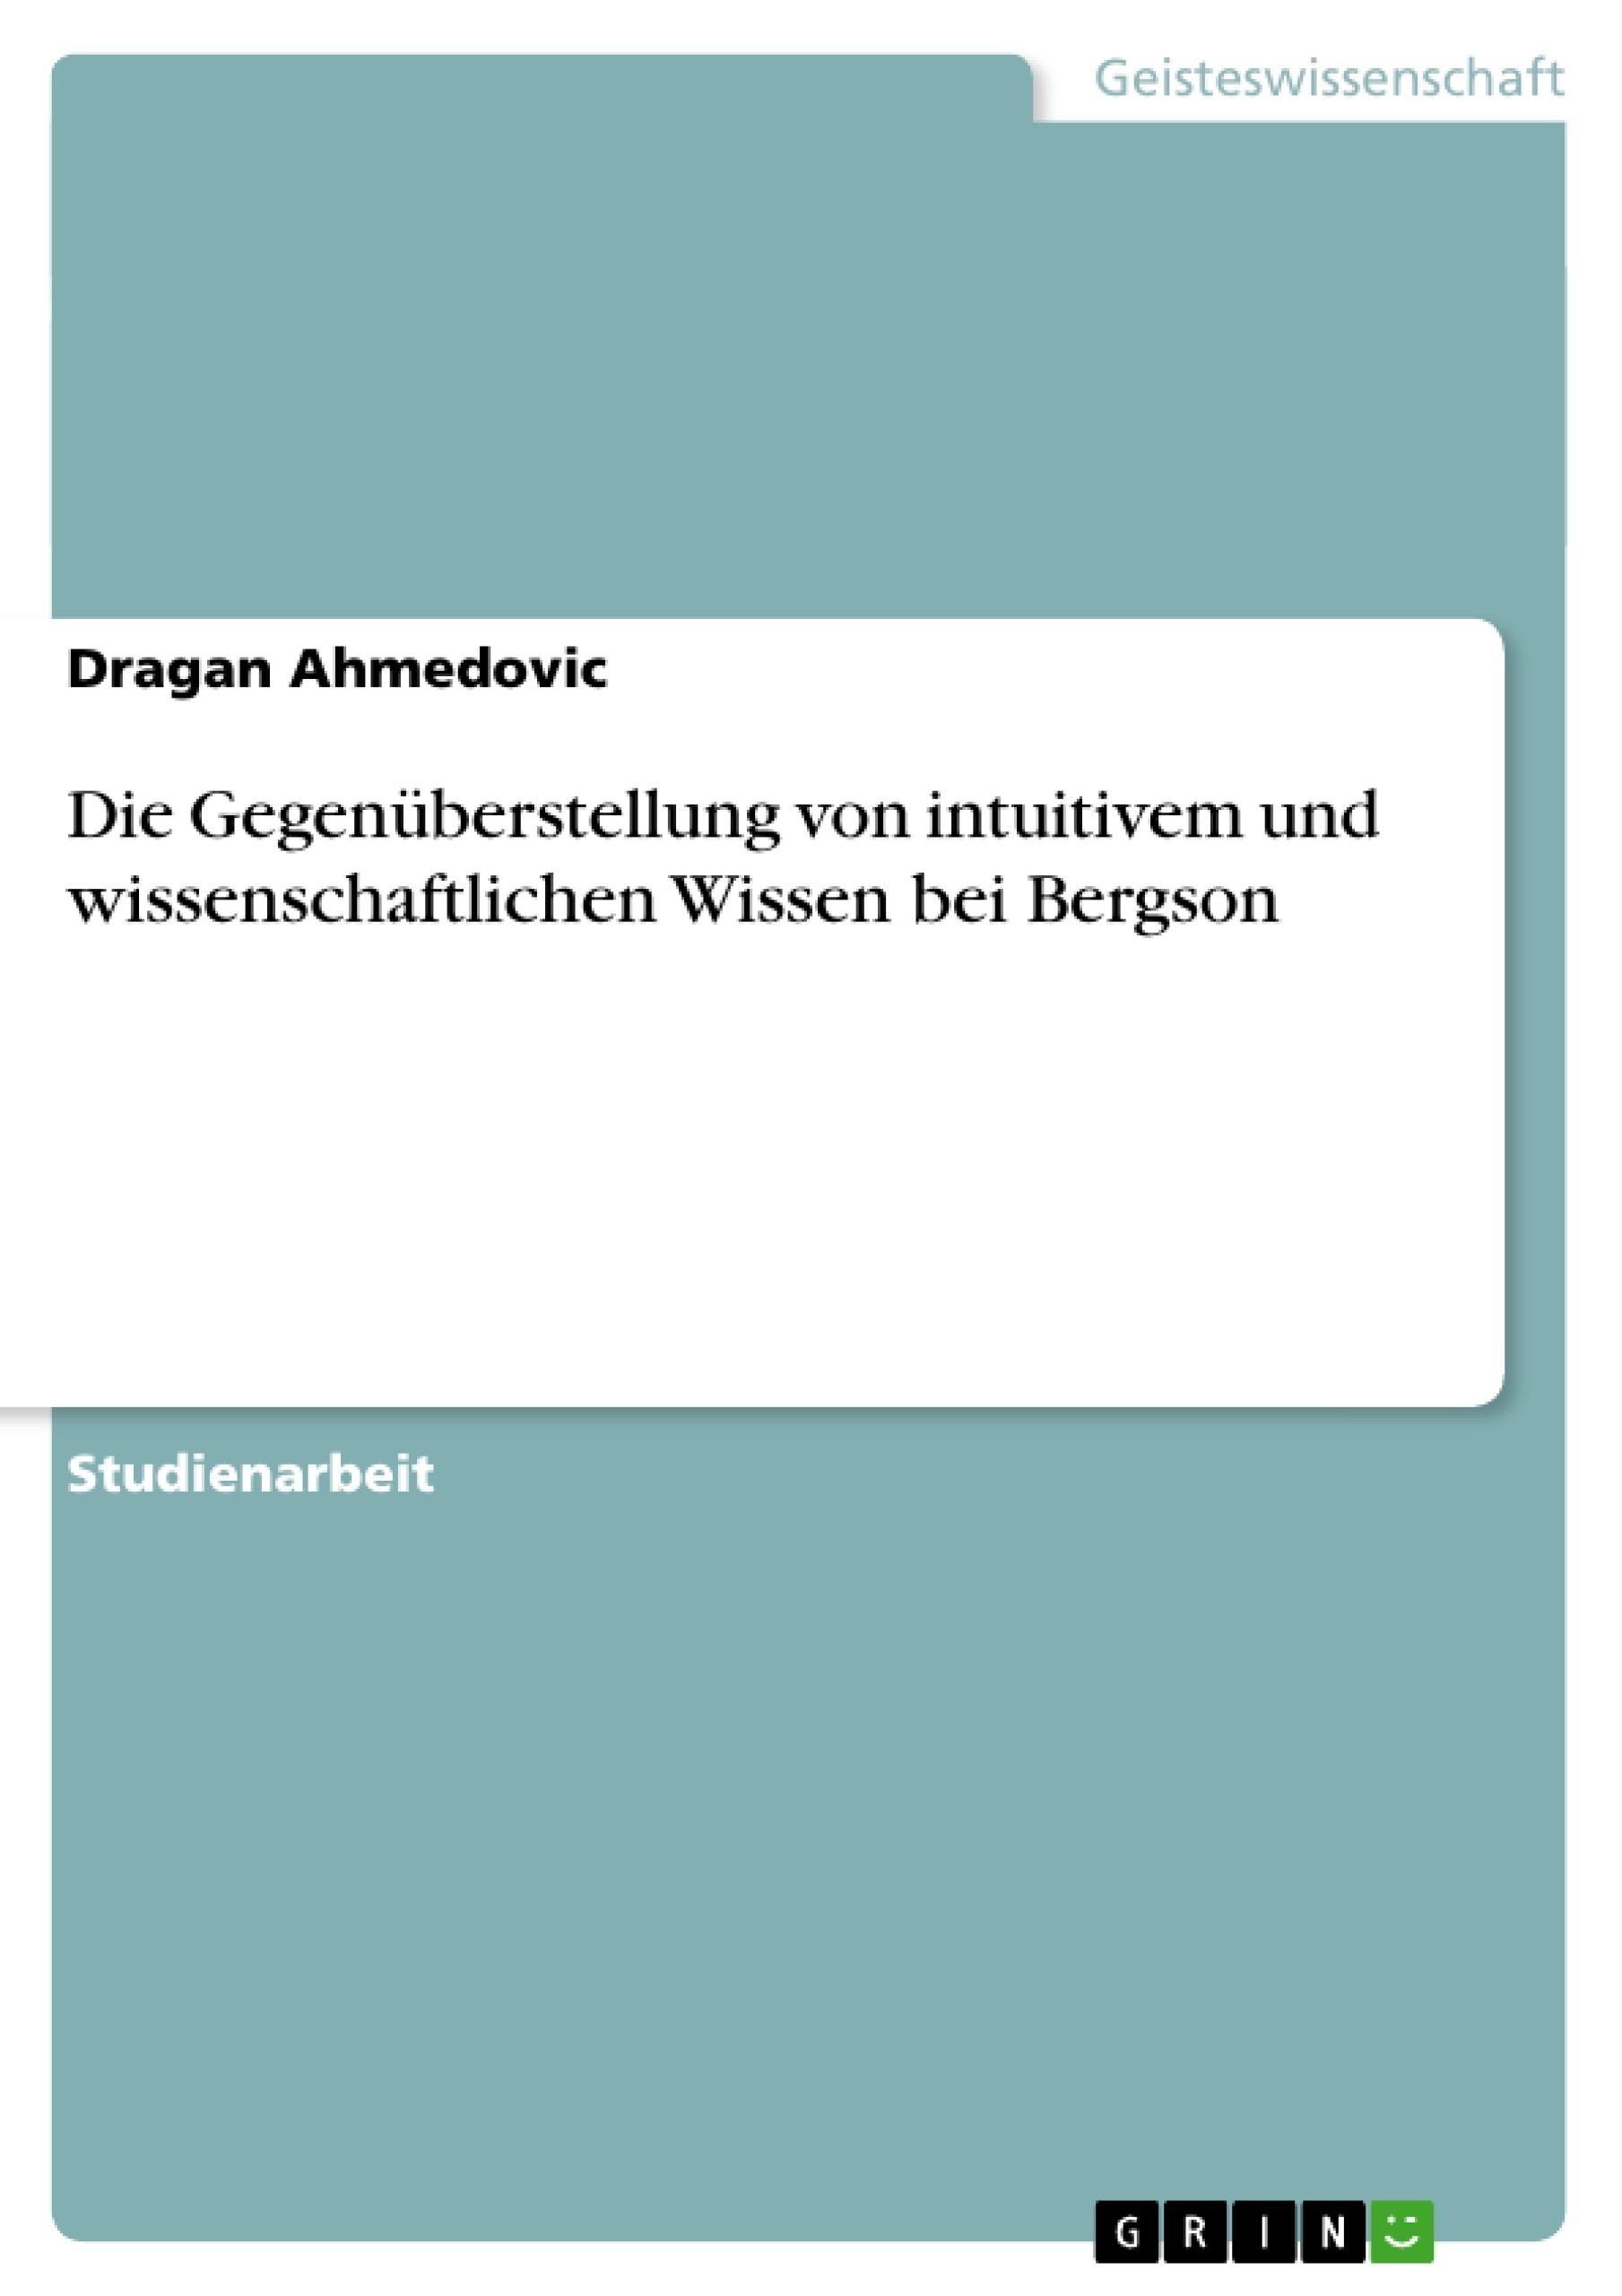 Titel: Die Gegenüberstellung von intuitivem und wissenschaftlichen Wissen bei Bergson